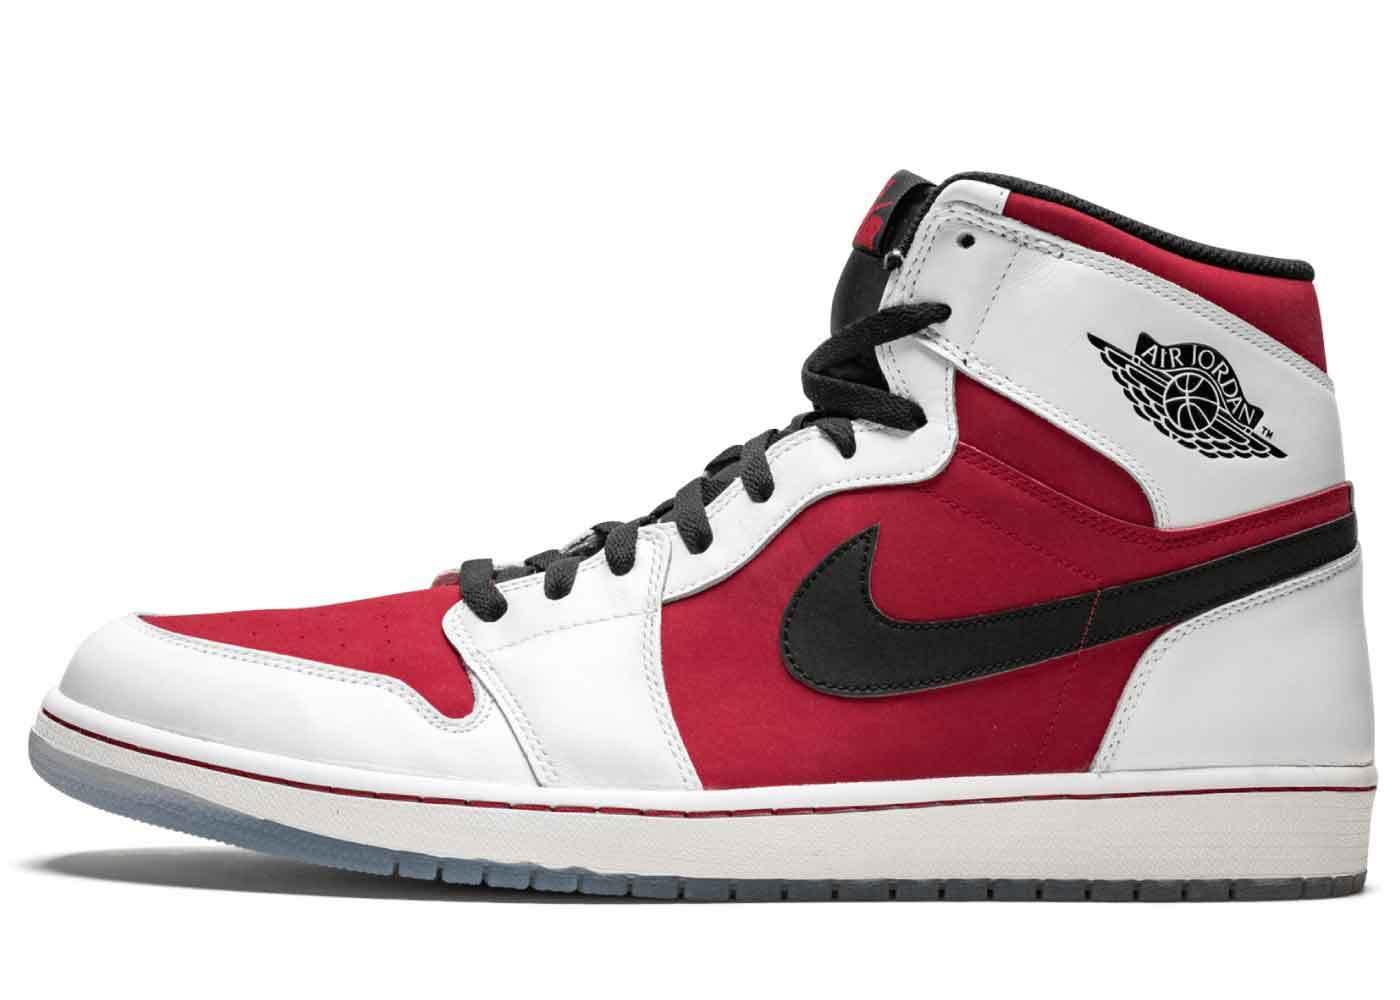 Nike Air Jordan 1 Retro Carmine (2014)の写真